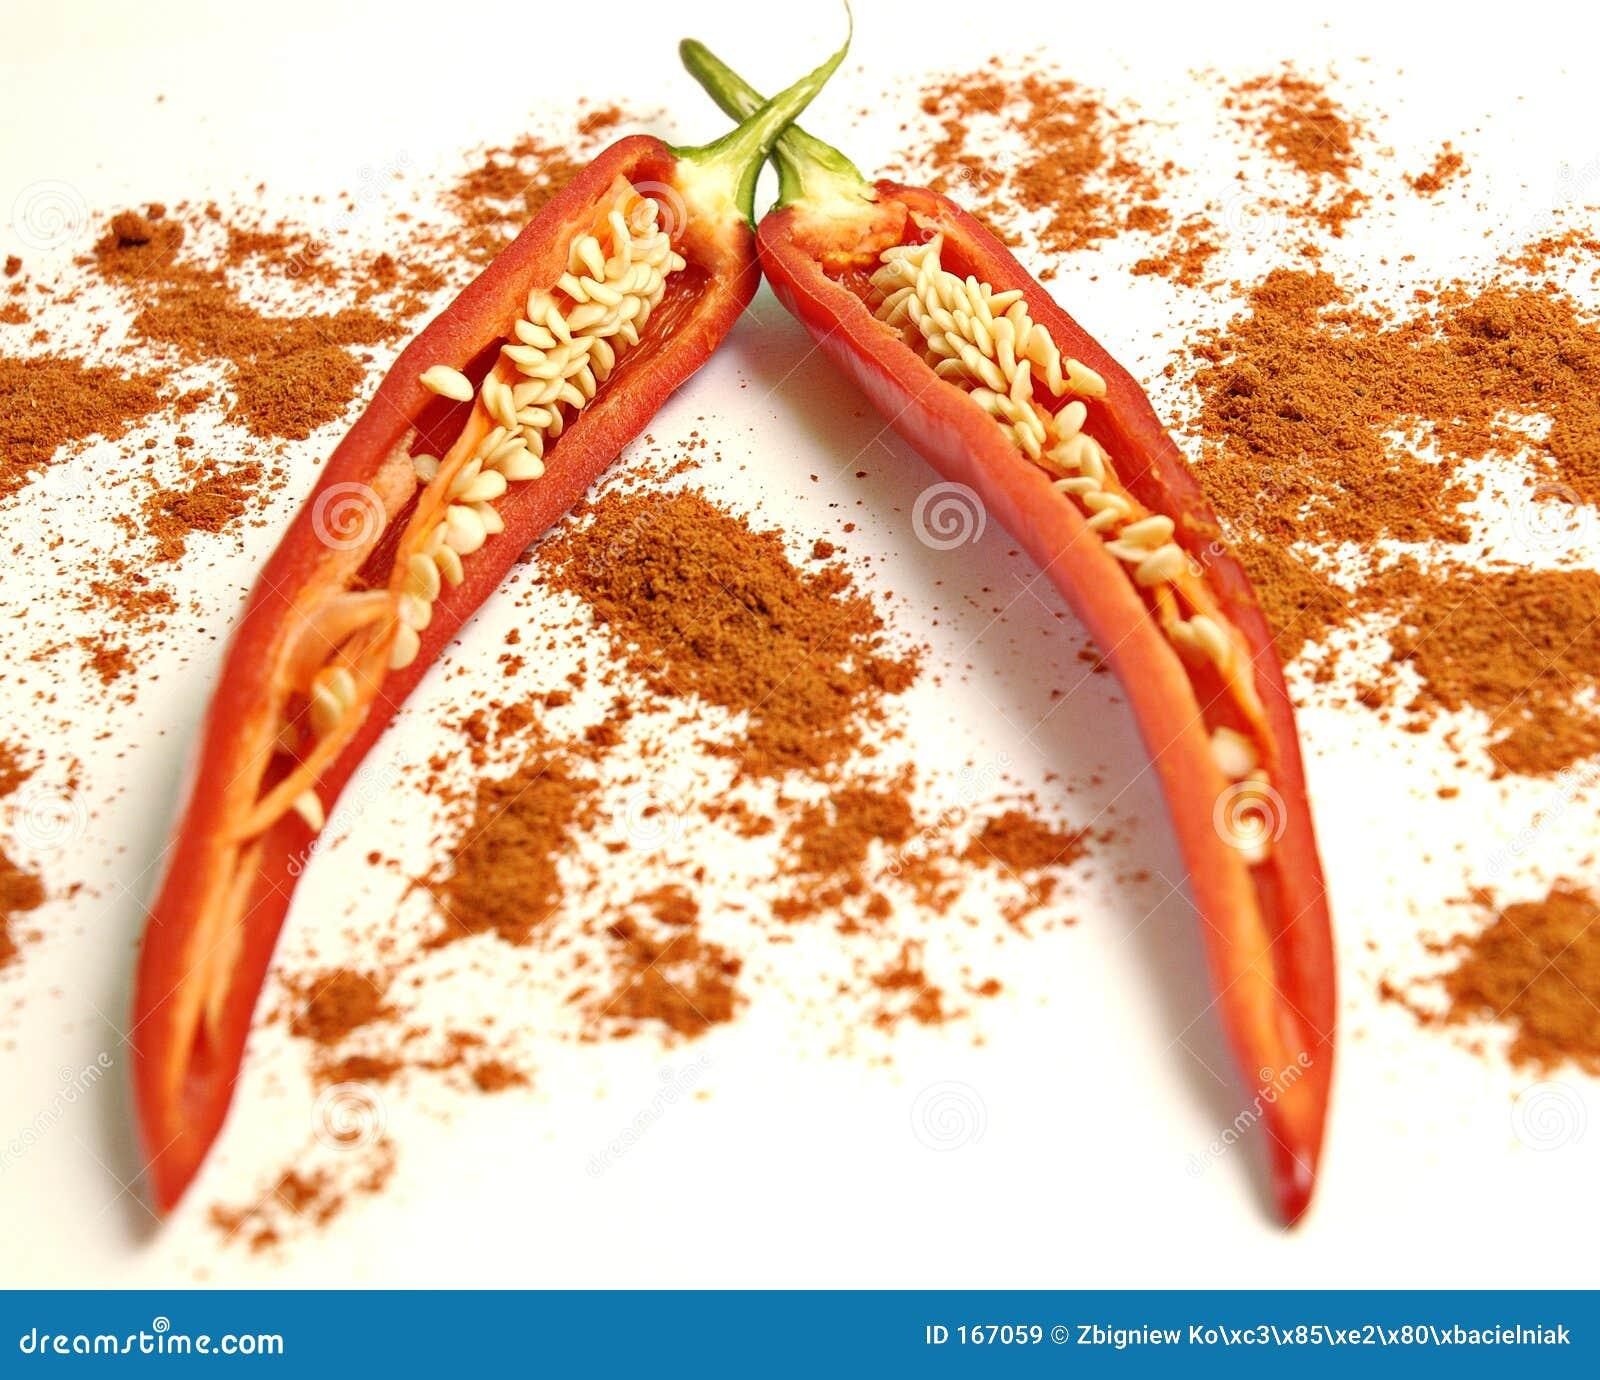 辣椒粉香料